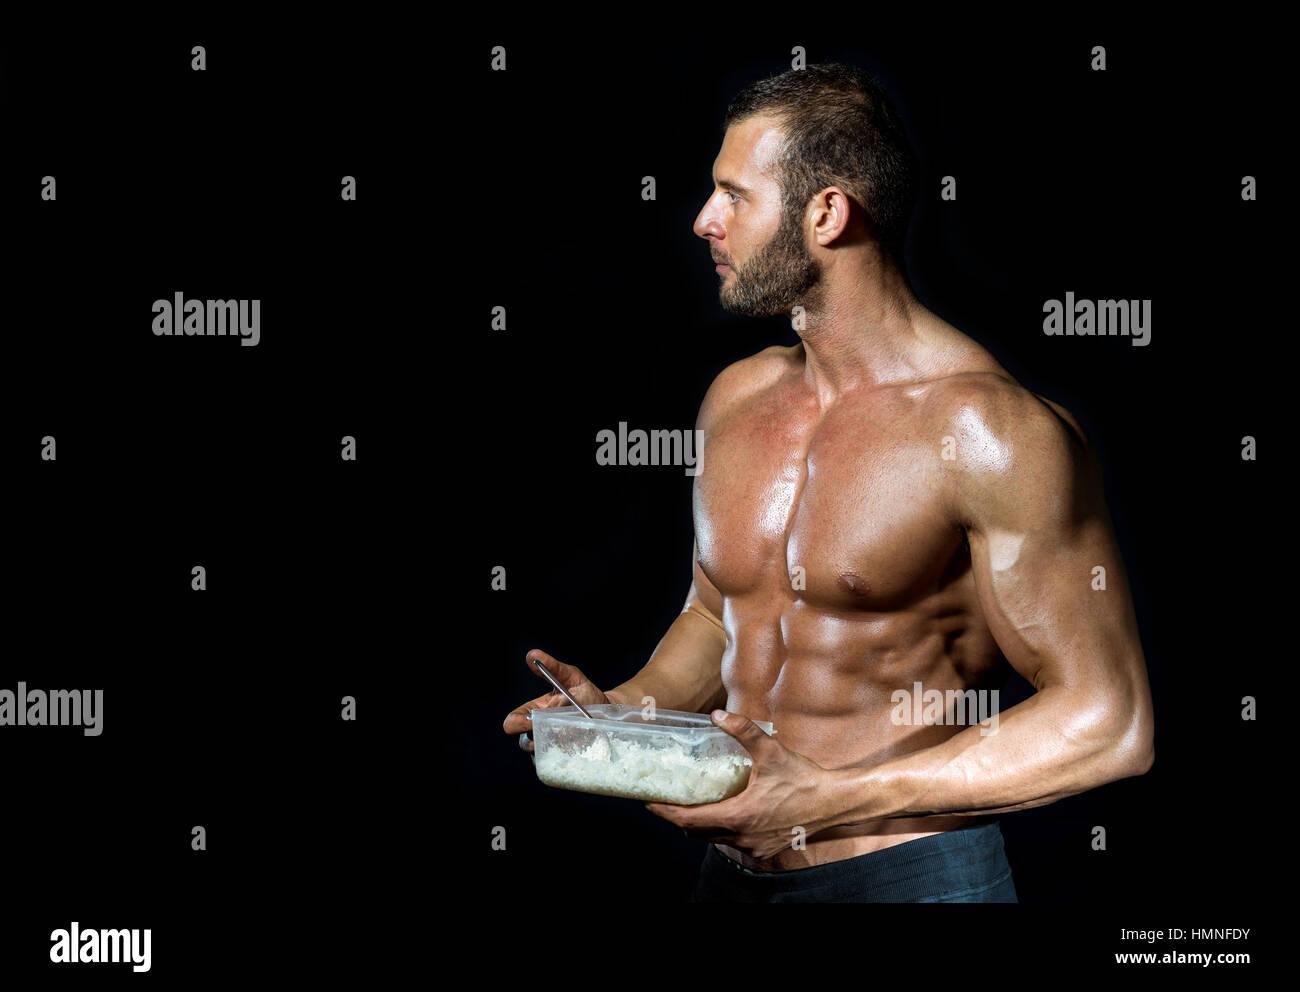 Colocar adulto joven culturista muscular sano comer arroz blanco del plato de plástico aislado. Imagen De Stock